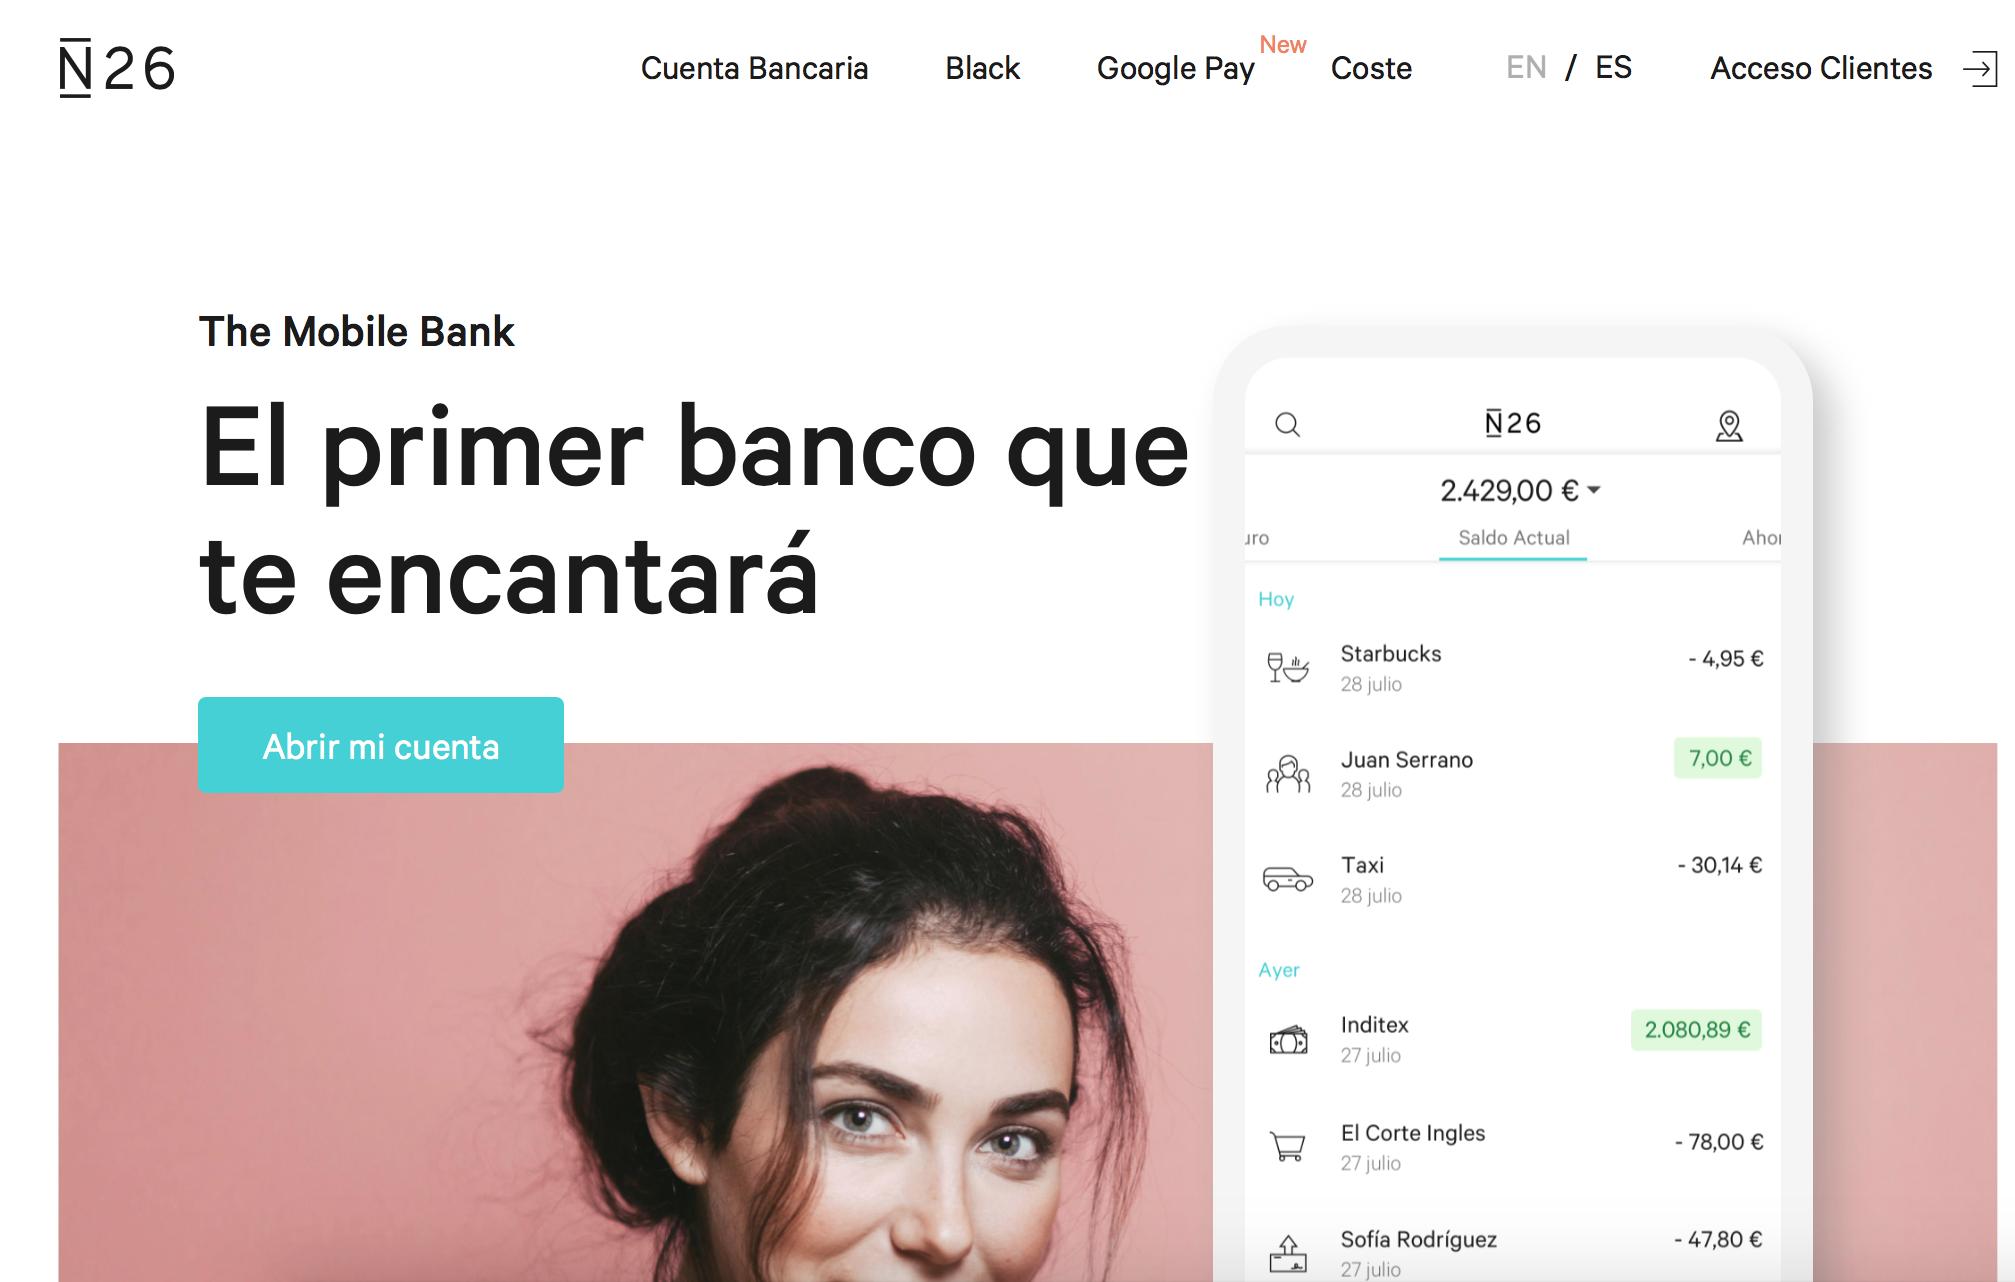 La experiencia con N26, el banco nativamente móvil